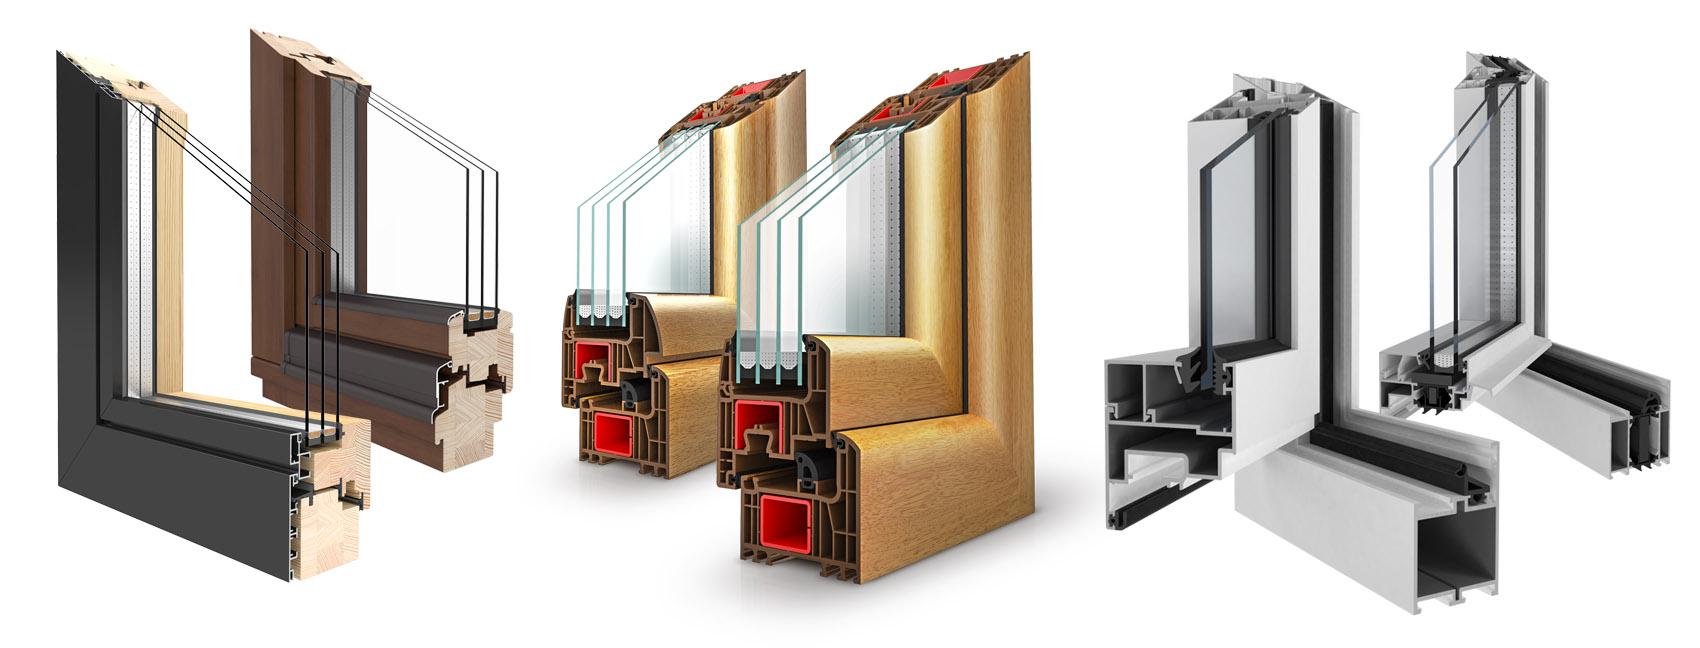 Full Size of Drutex Fenster Iglo 5 Erfahrung Test Kaufen In Polen Erfahrungsberichte Sicherheitsbeschläge Nachrüsten Rollos Einbauen Kosten Sonnenschutzfolie Folie Einbau Fenster Drutex Fenster